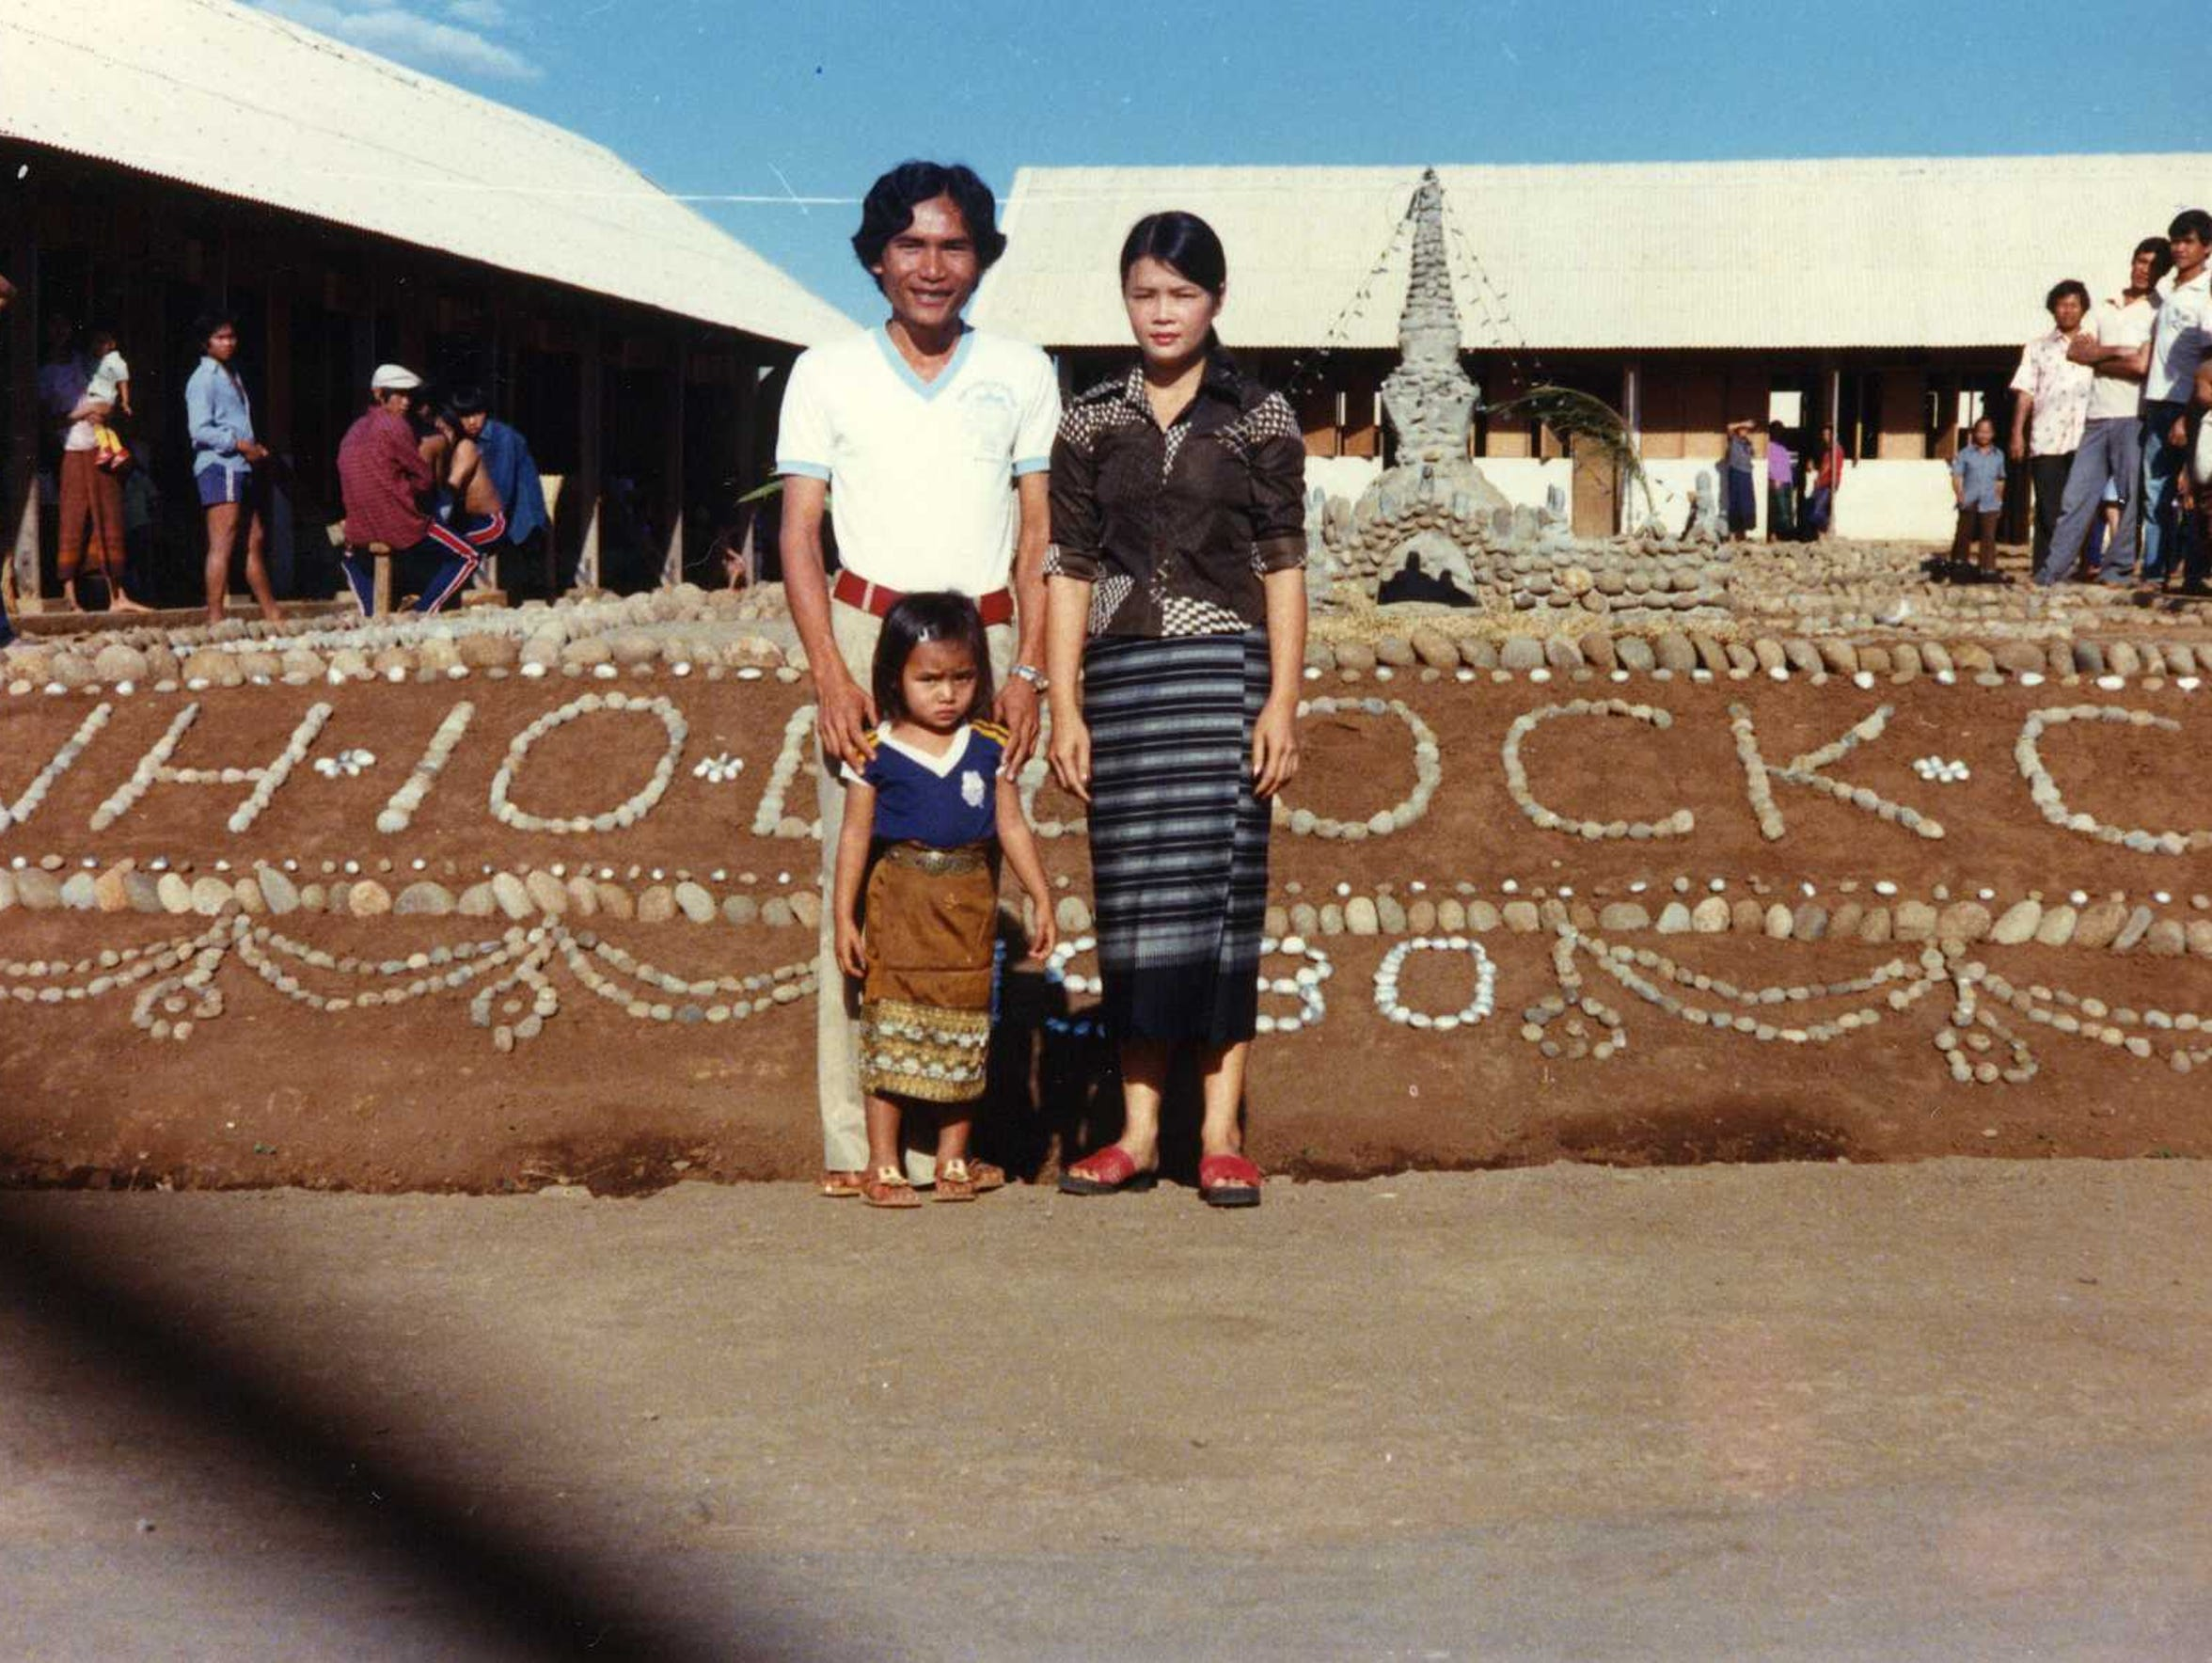 Manivong family